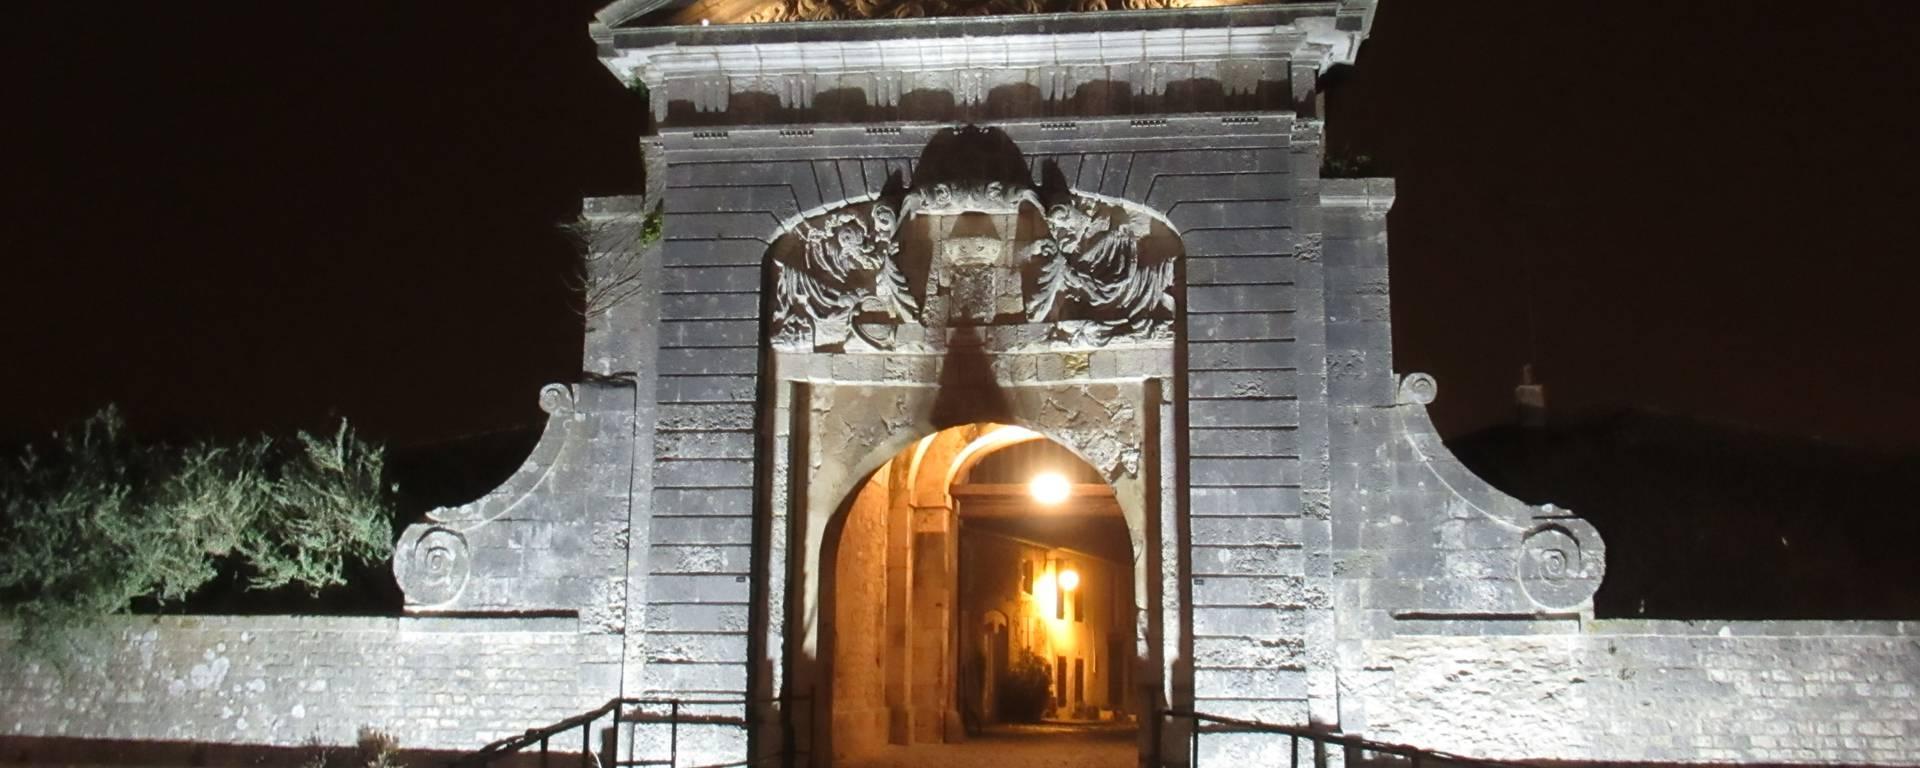 Visite guidée, fortification Saint-Martin-de-Ré, Laurence Furic.